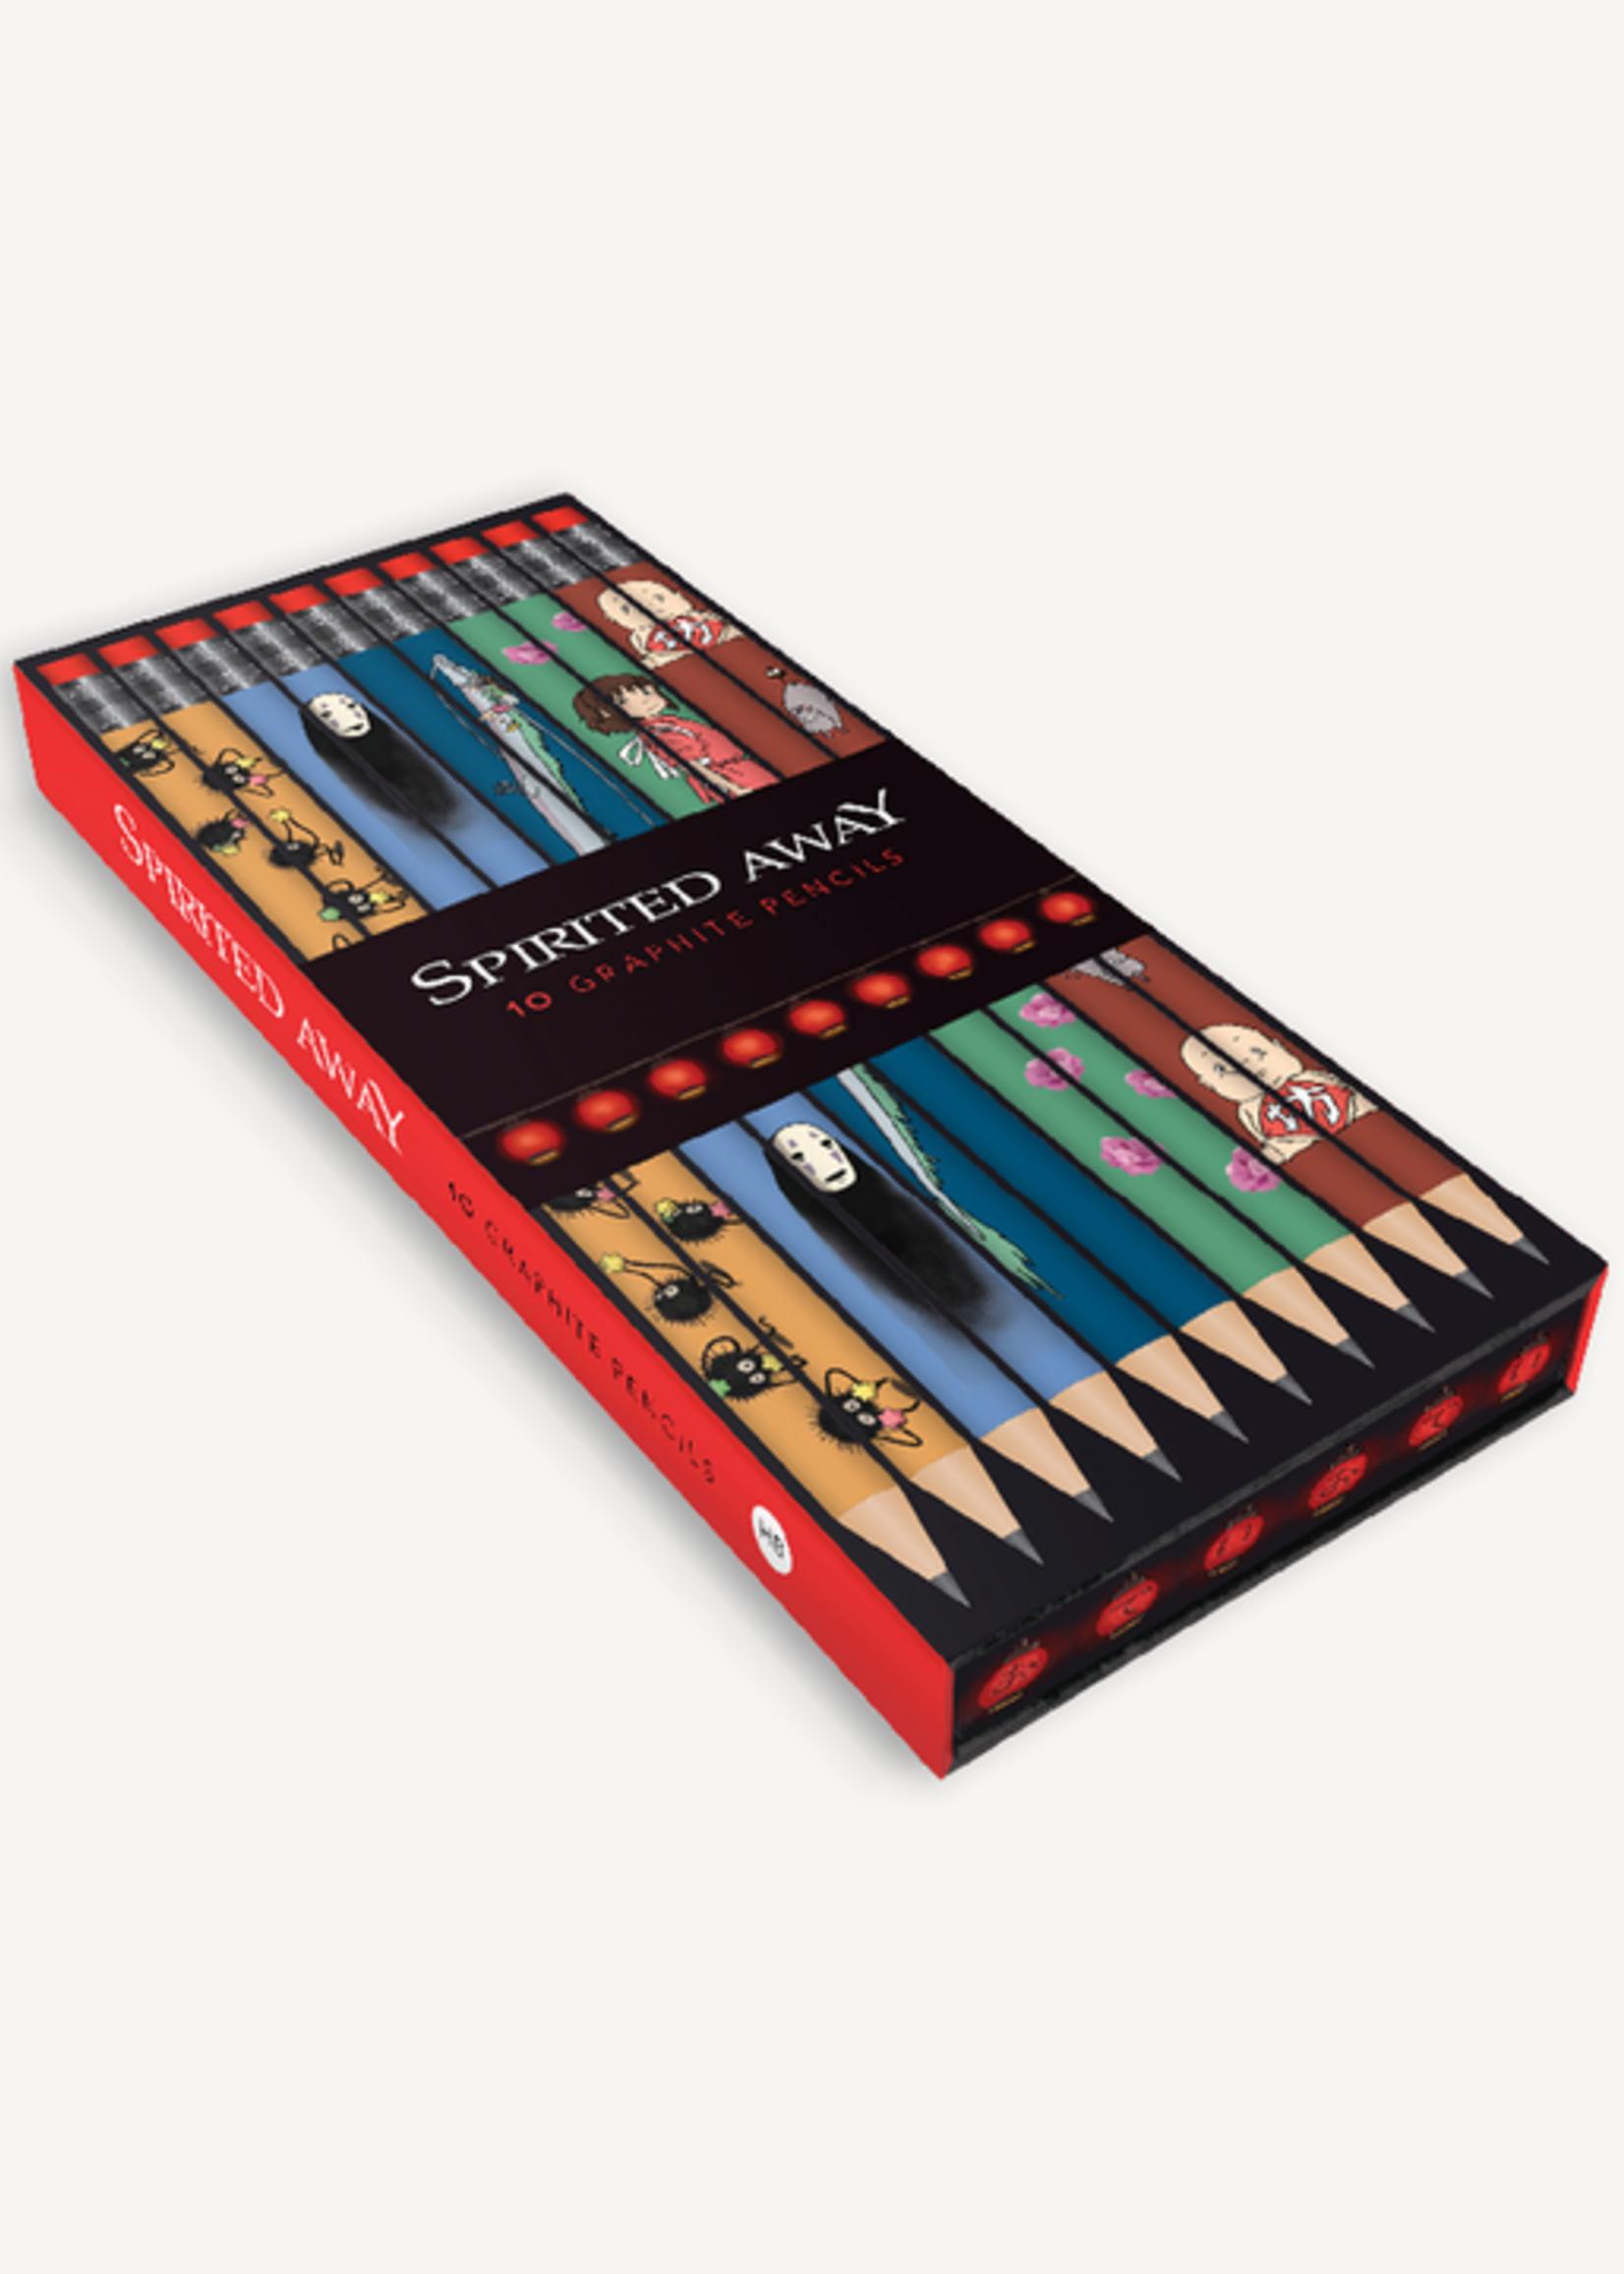 Spirited Away Pencils by Studio Ghibli